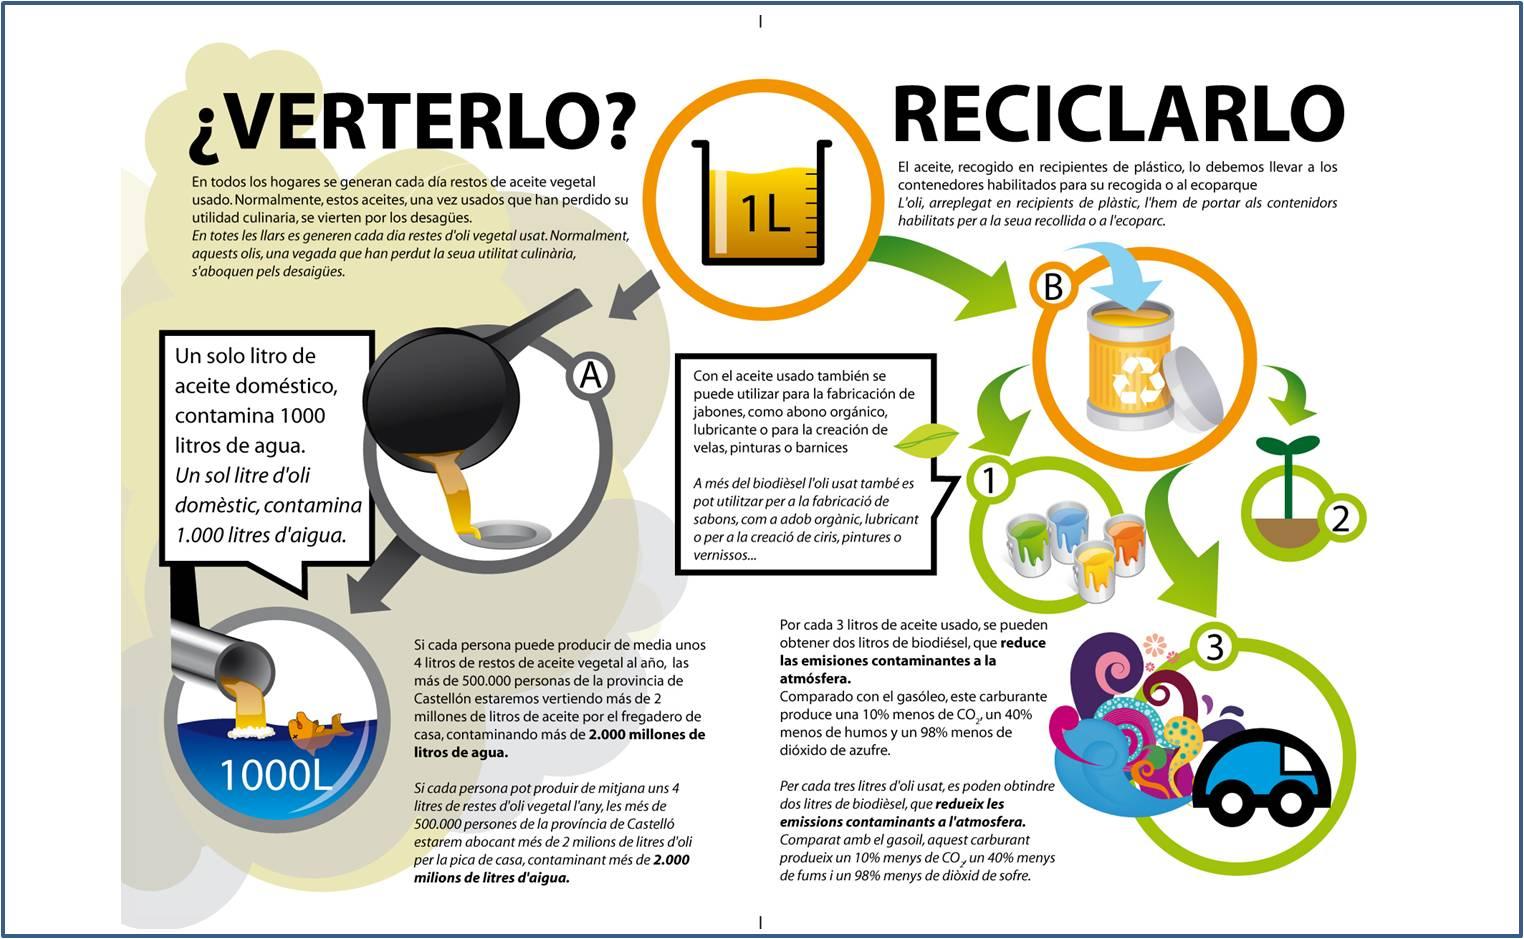 /%C2%A1conoce-los-grandes-beneficios-de-reciclar-el-aceite-de-cocina